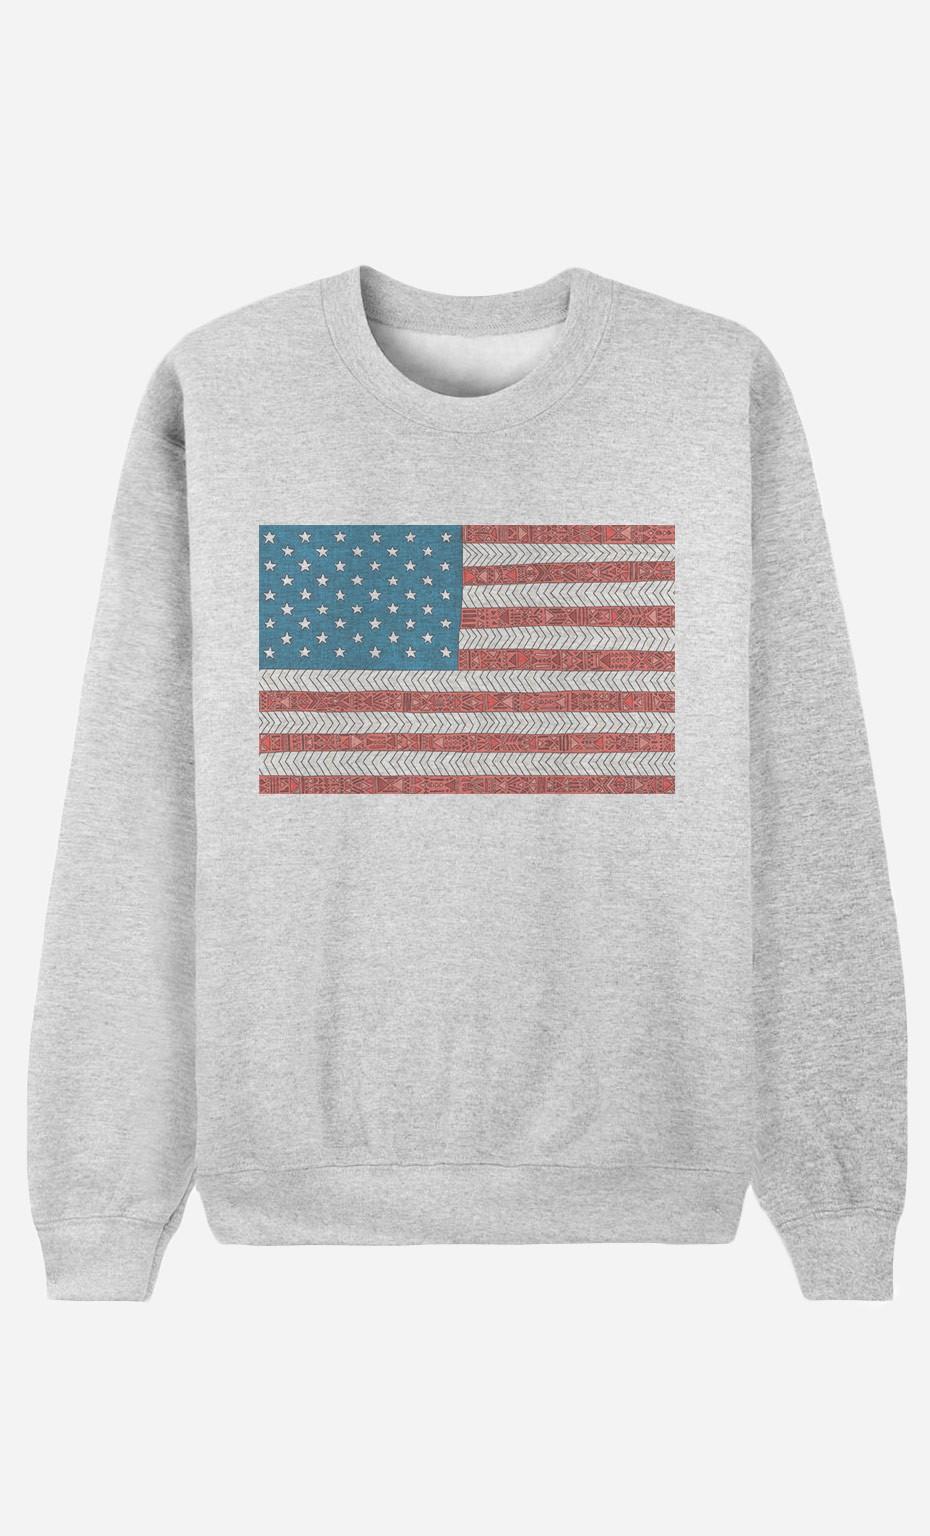 Sweatshirt USA